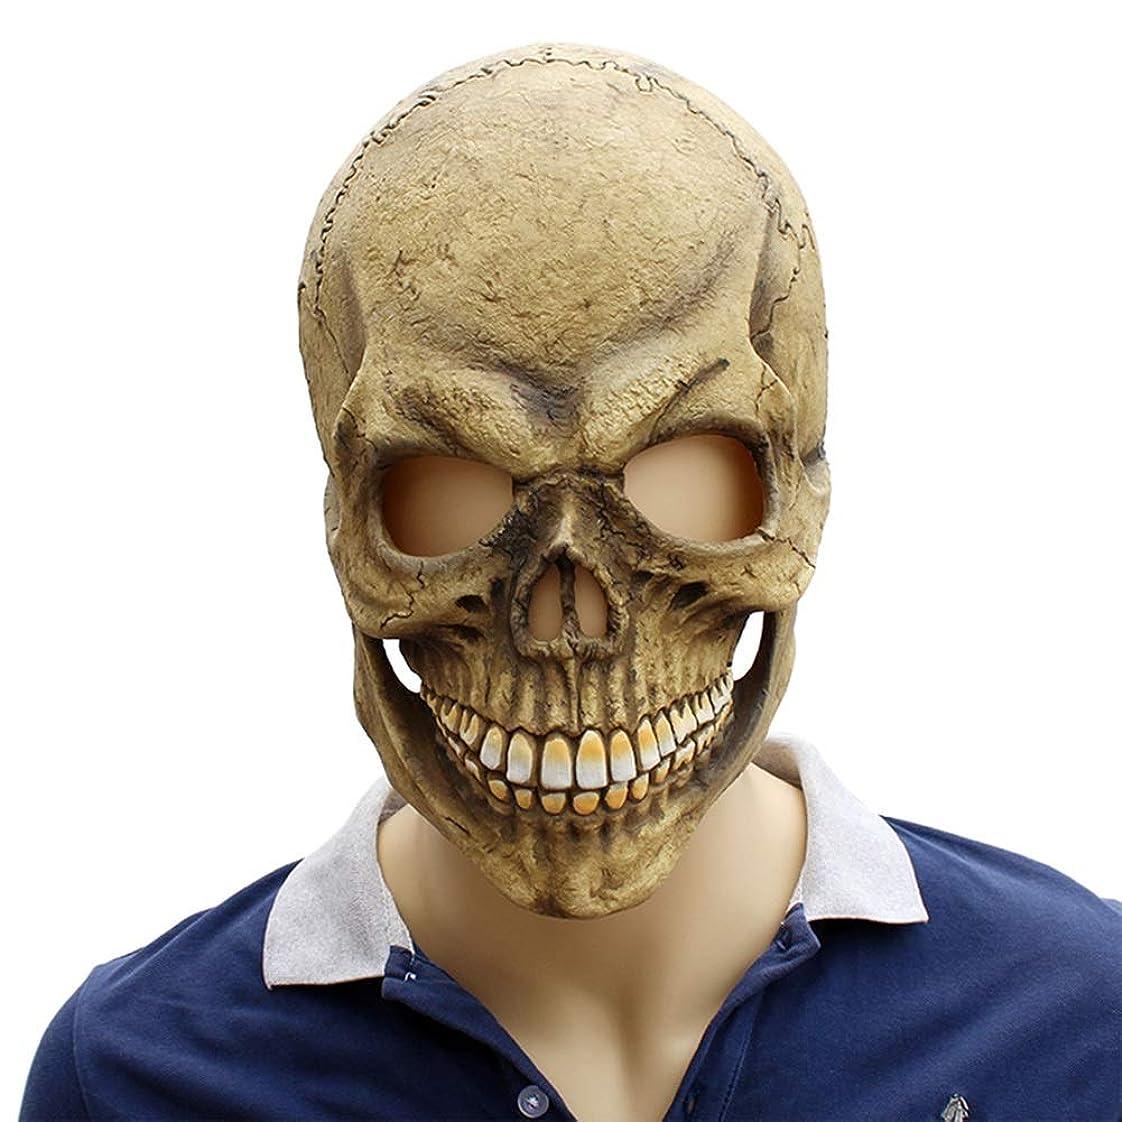 弱い減る樹皮ハロウィーンマスク、ホラースカルマスク、クリエイティブな面白いヘッドマスク、ラテックスVizardマスク、コスチュームプロップトカゲマスク